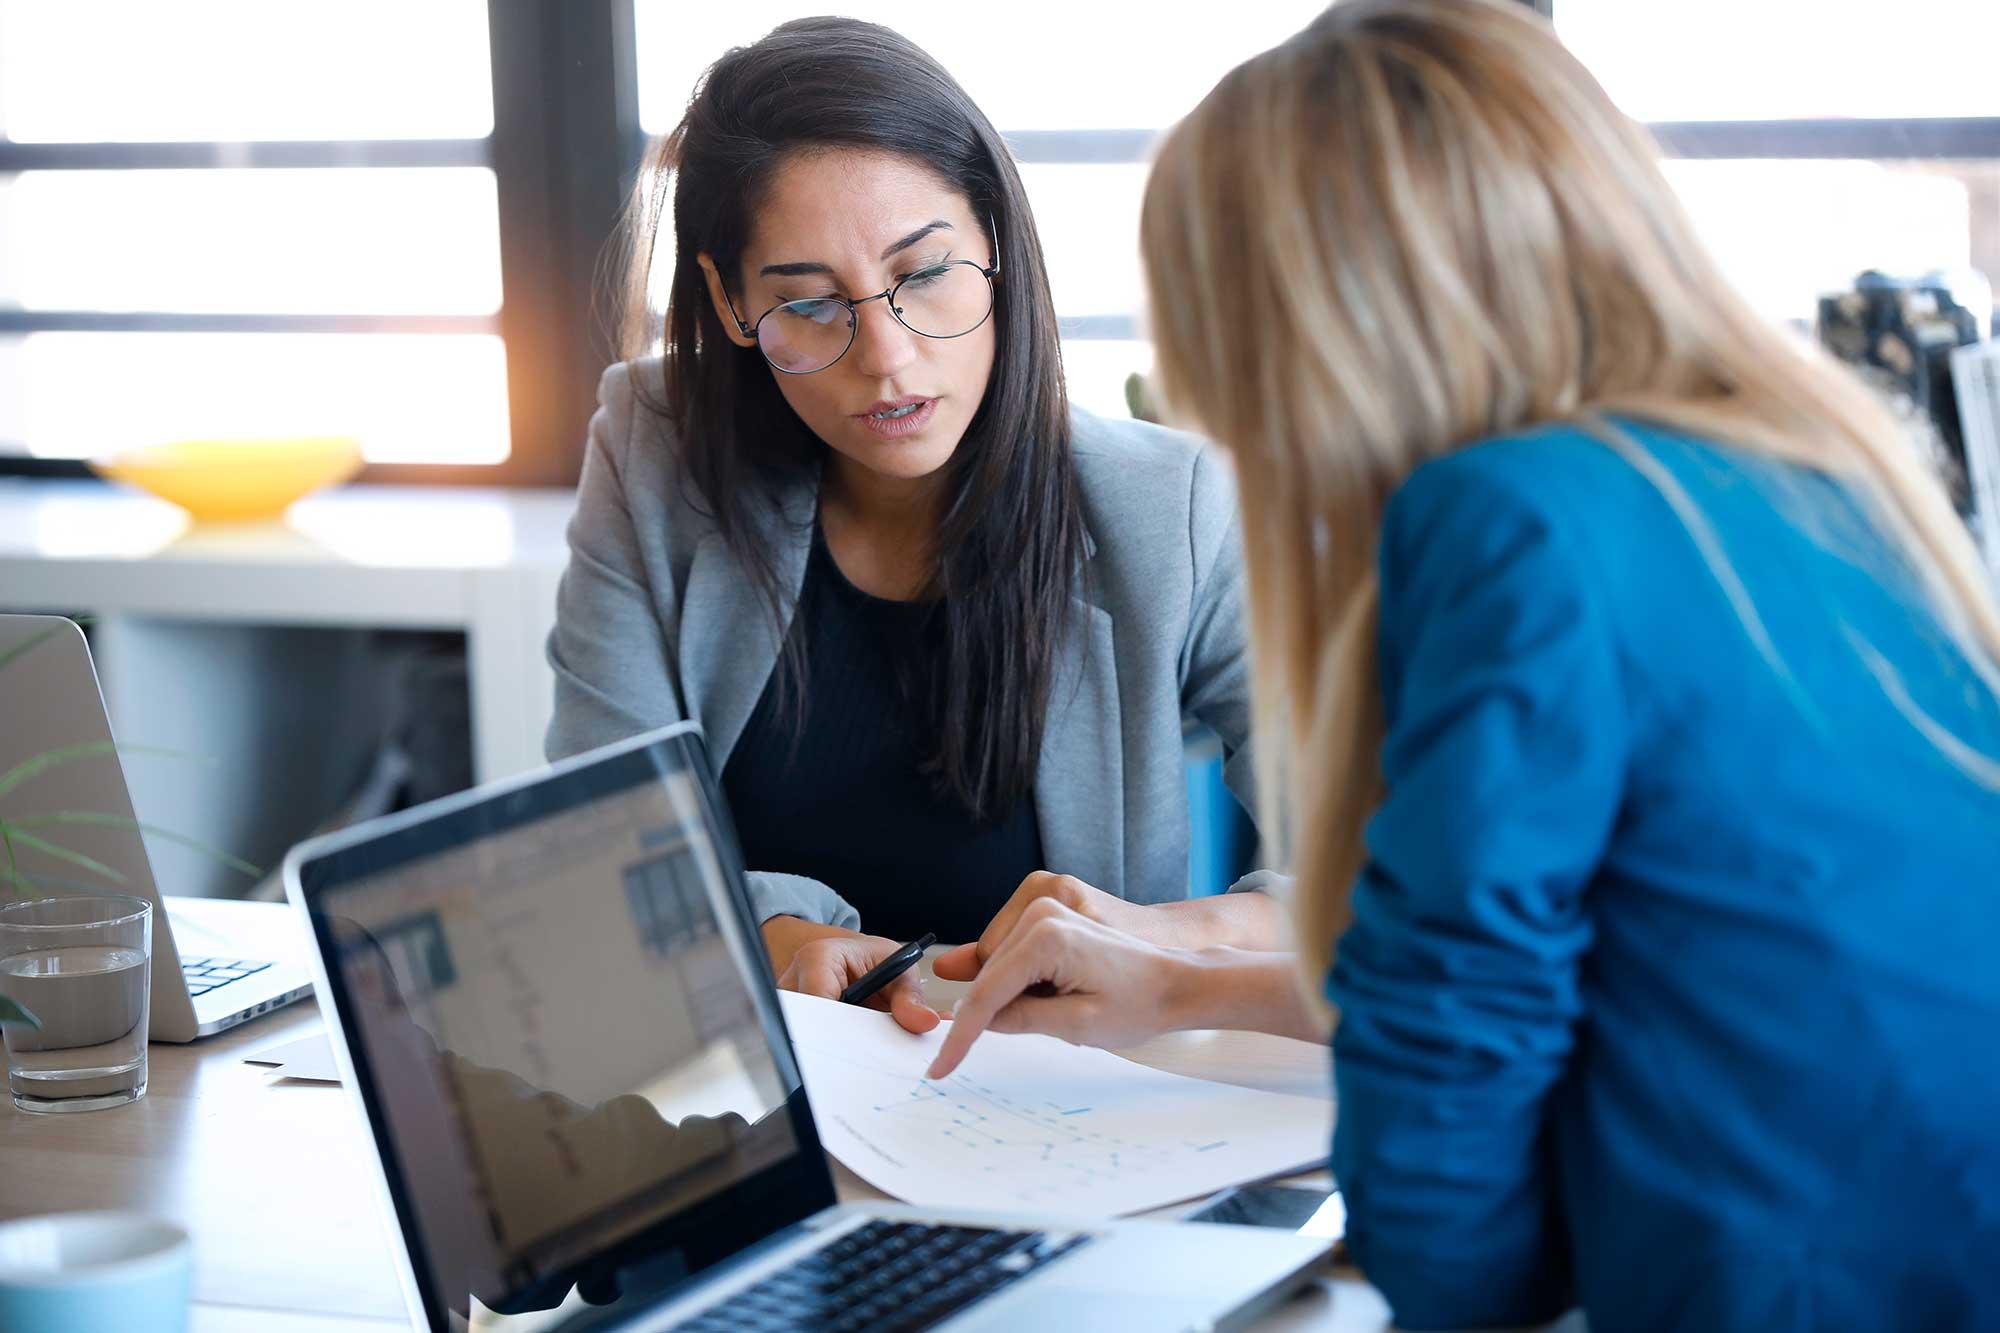 Cómo garantizar el liderazgo de las mujeres en la sociedad, la política y el trabajo